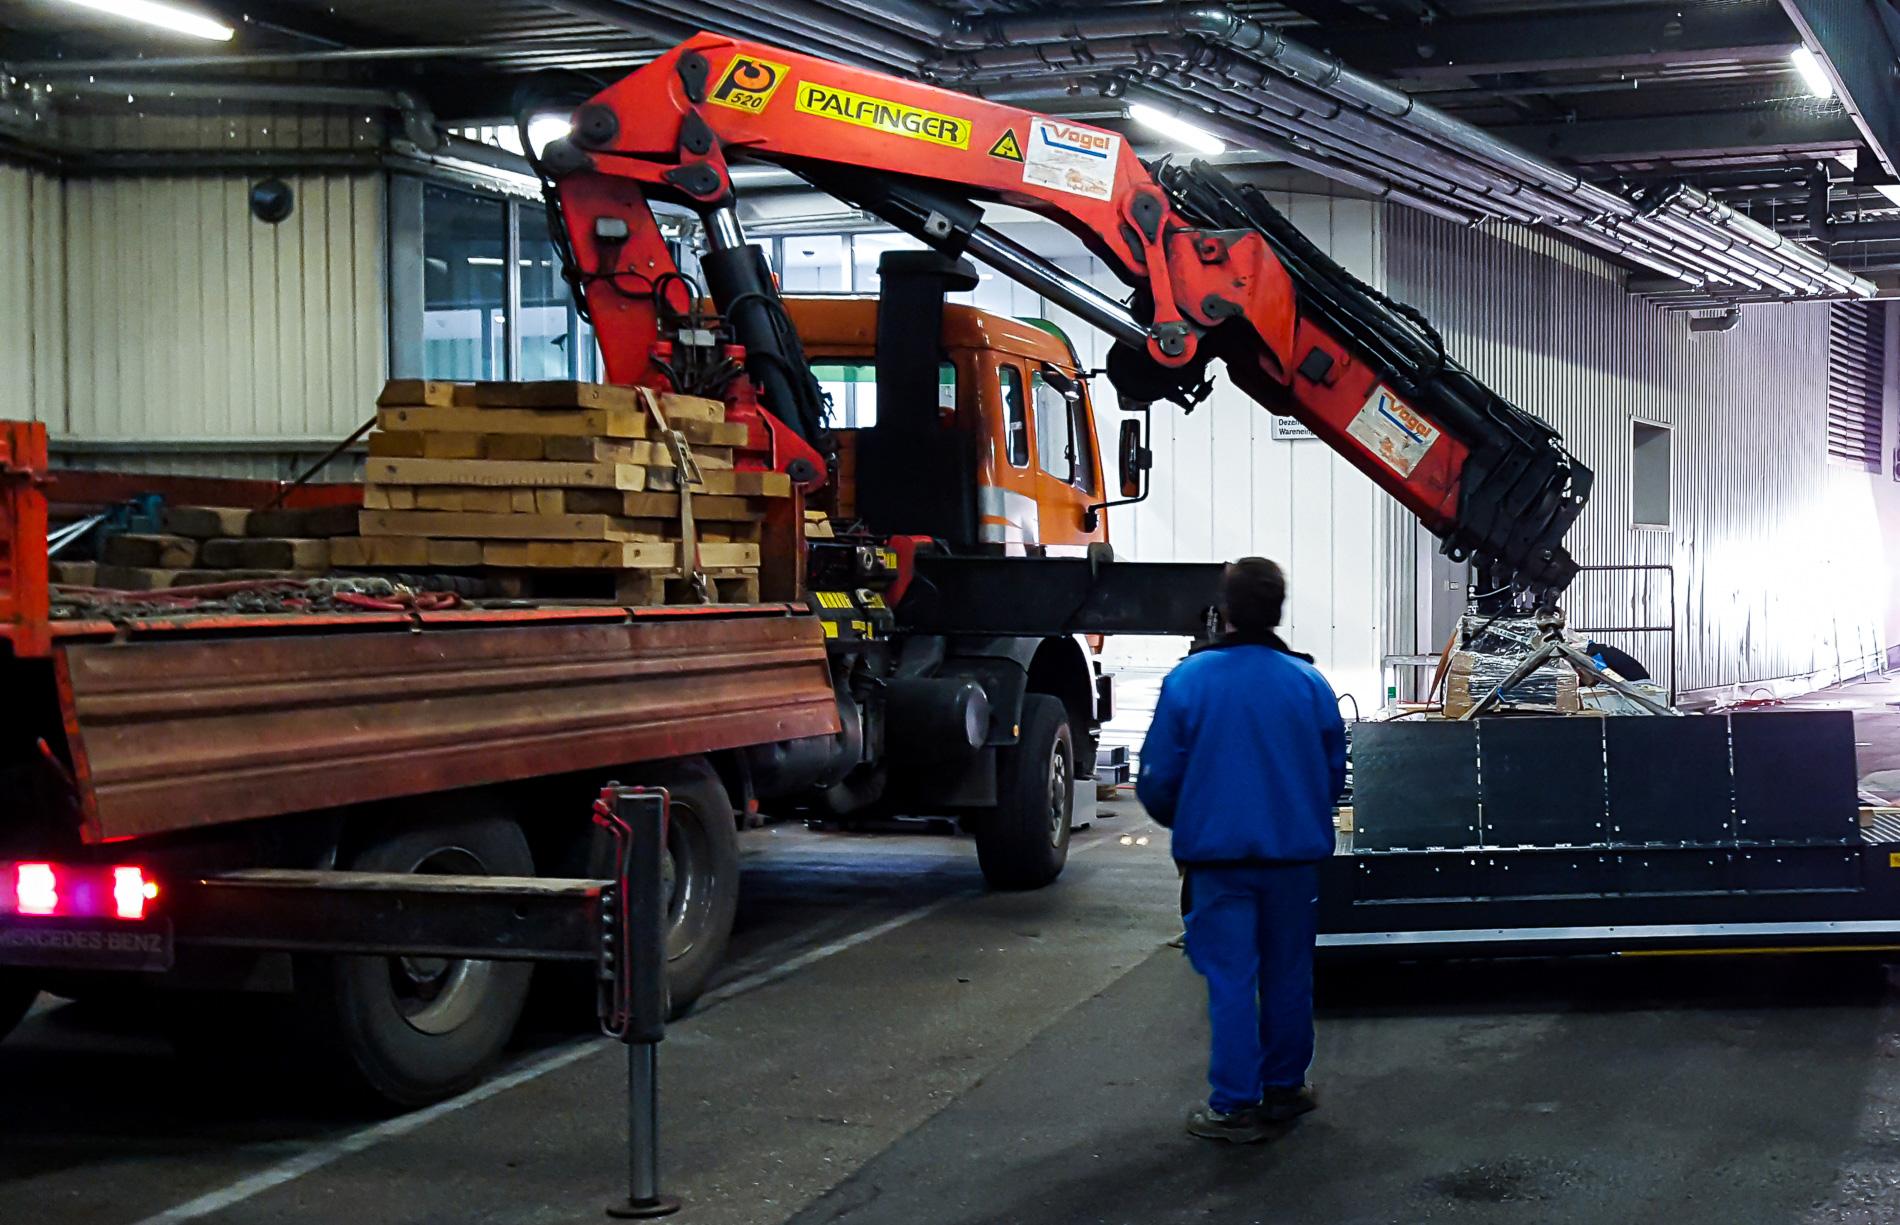 Einsatz unserer Fahrzeuge in Hallen